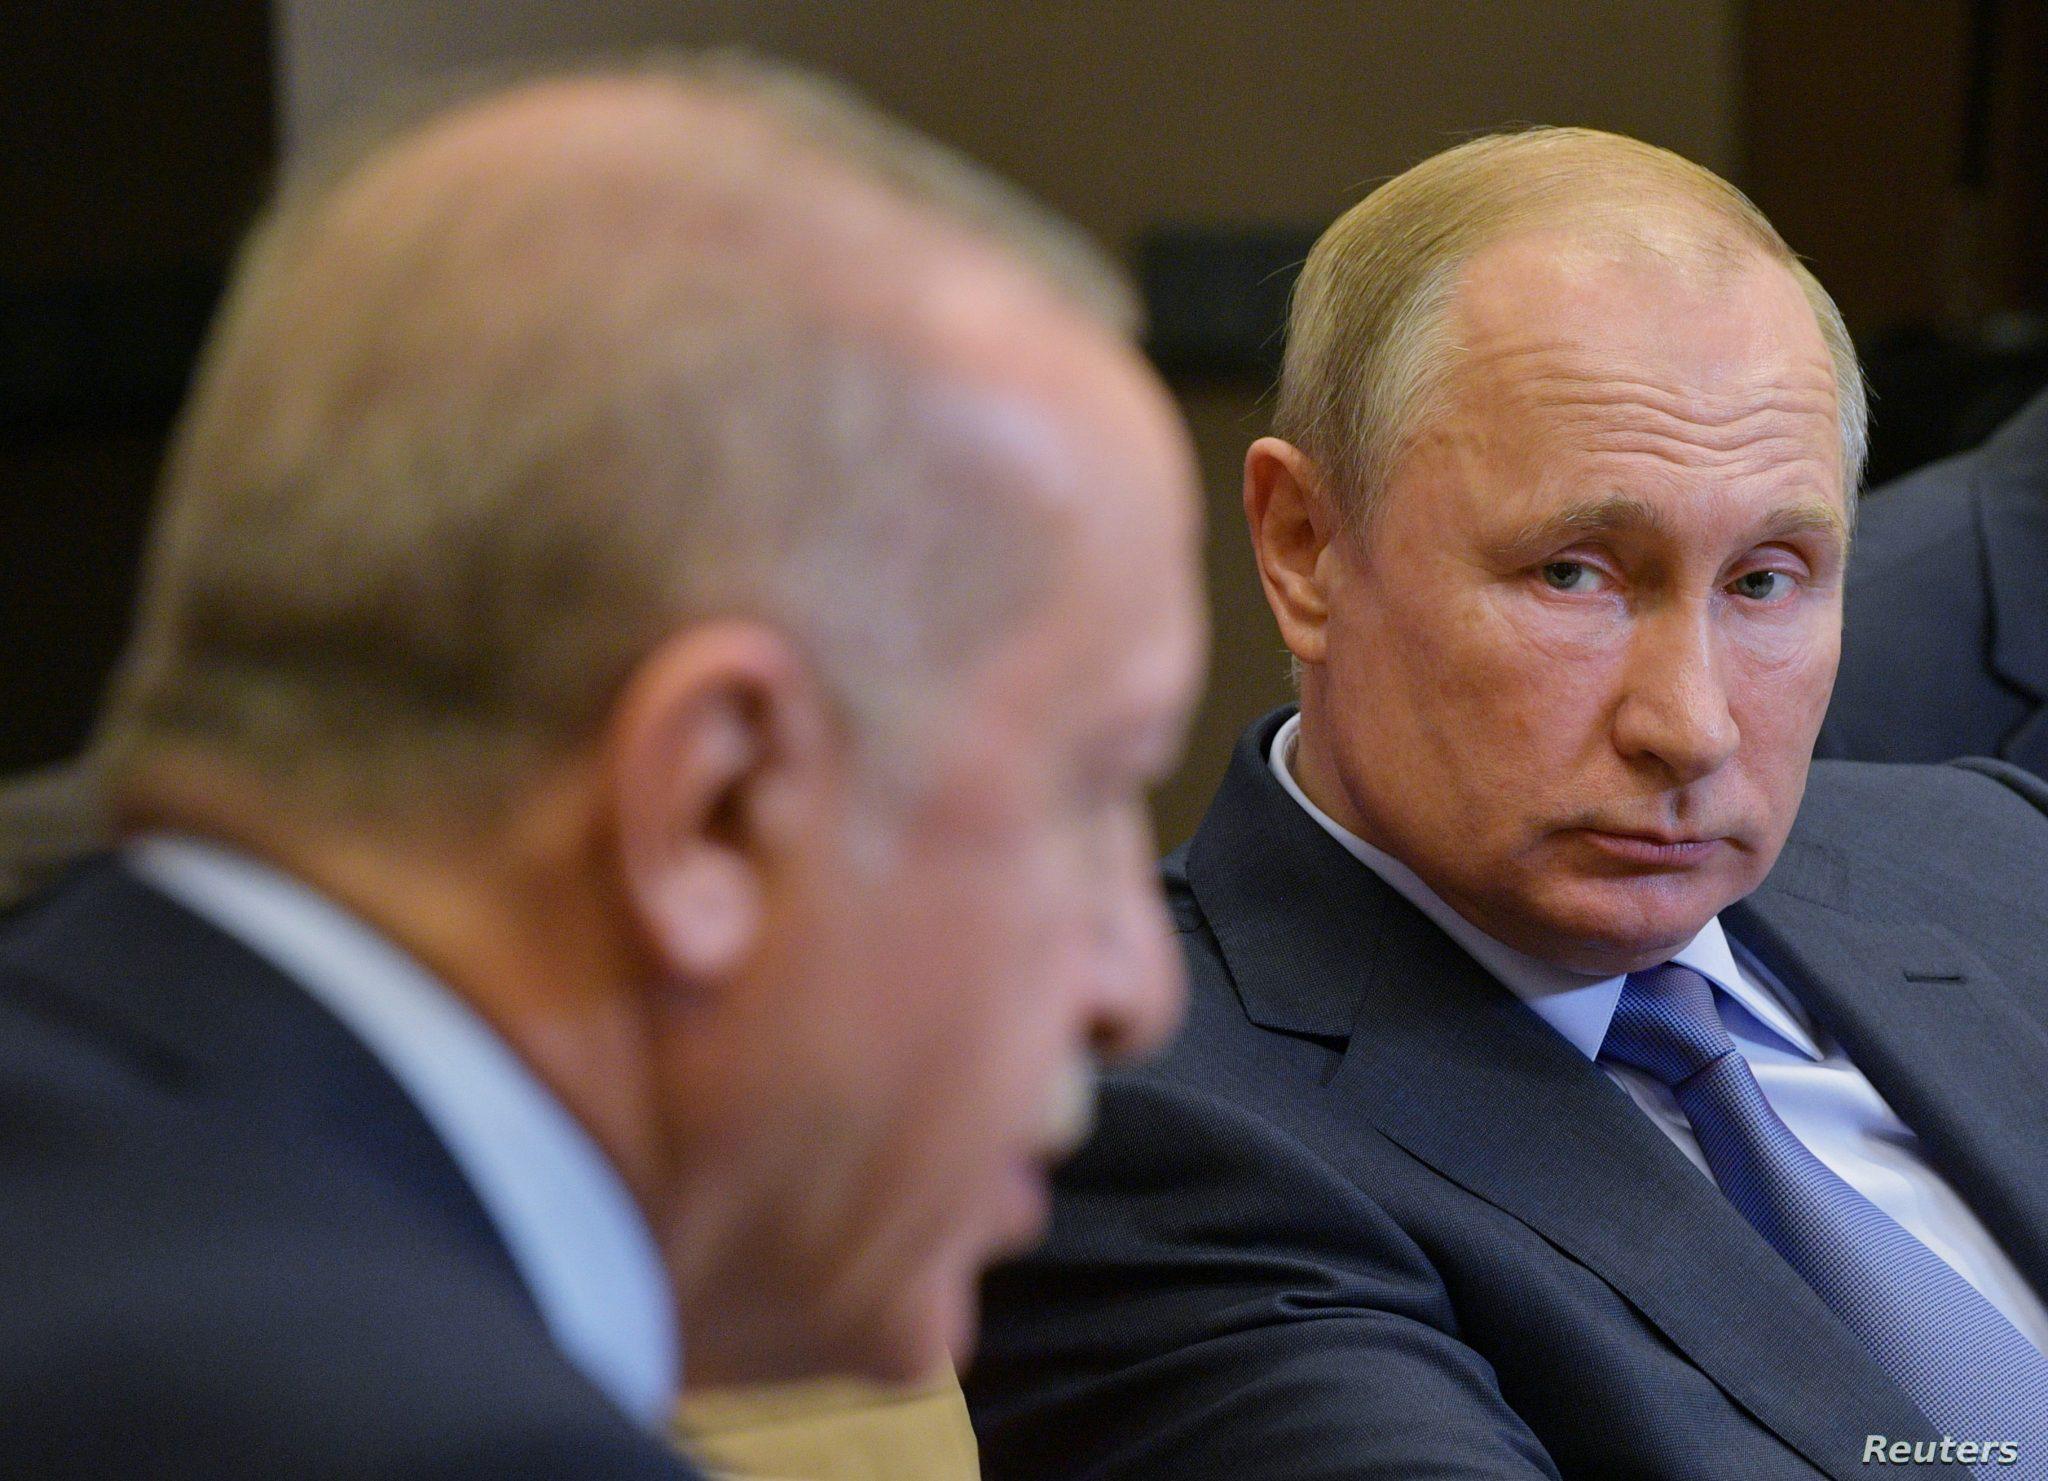 صورة بوتين يتحدث عن أردوغان والإمبراطورية العثمانية